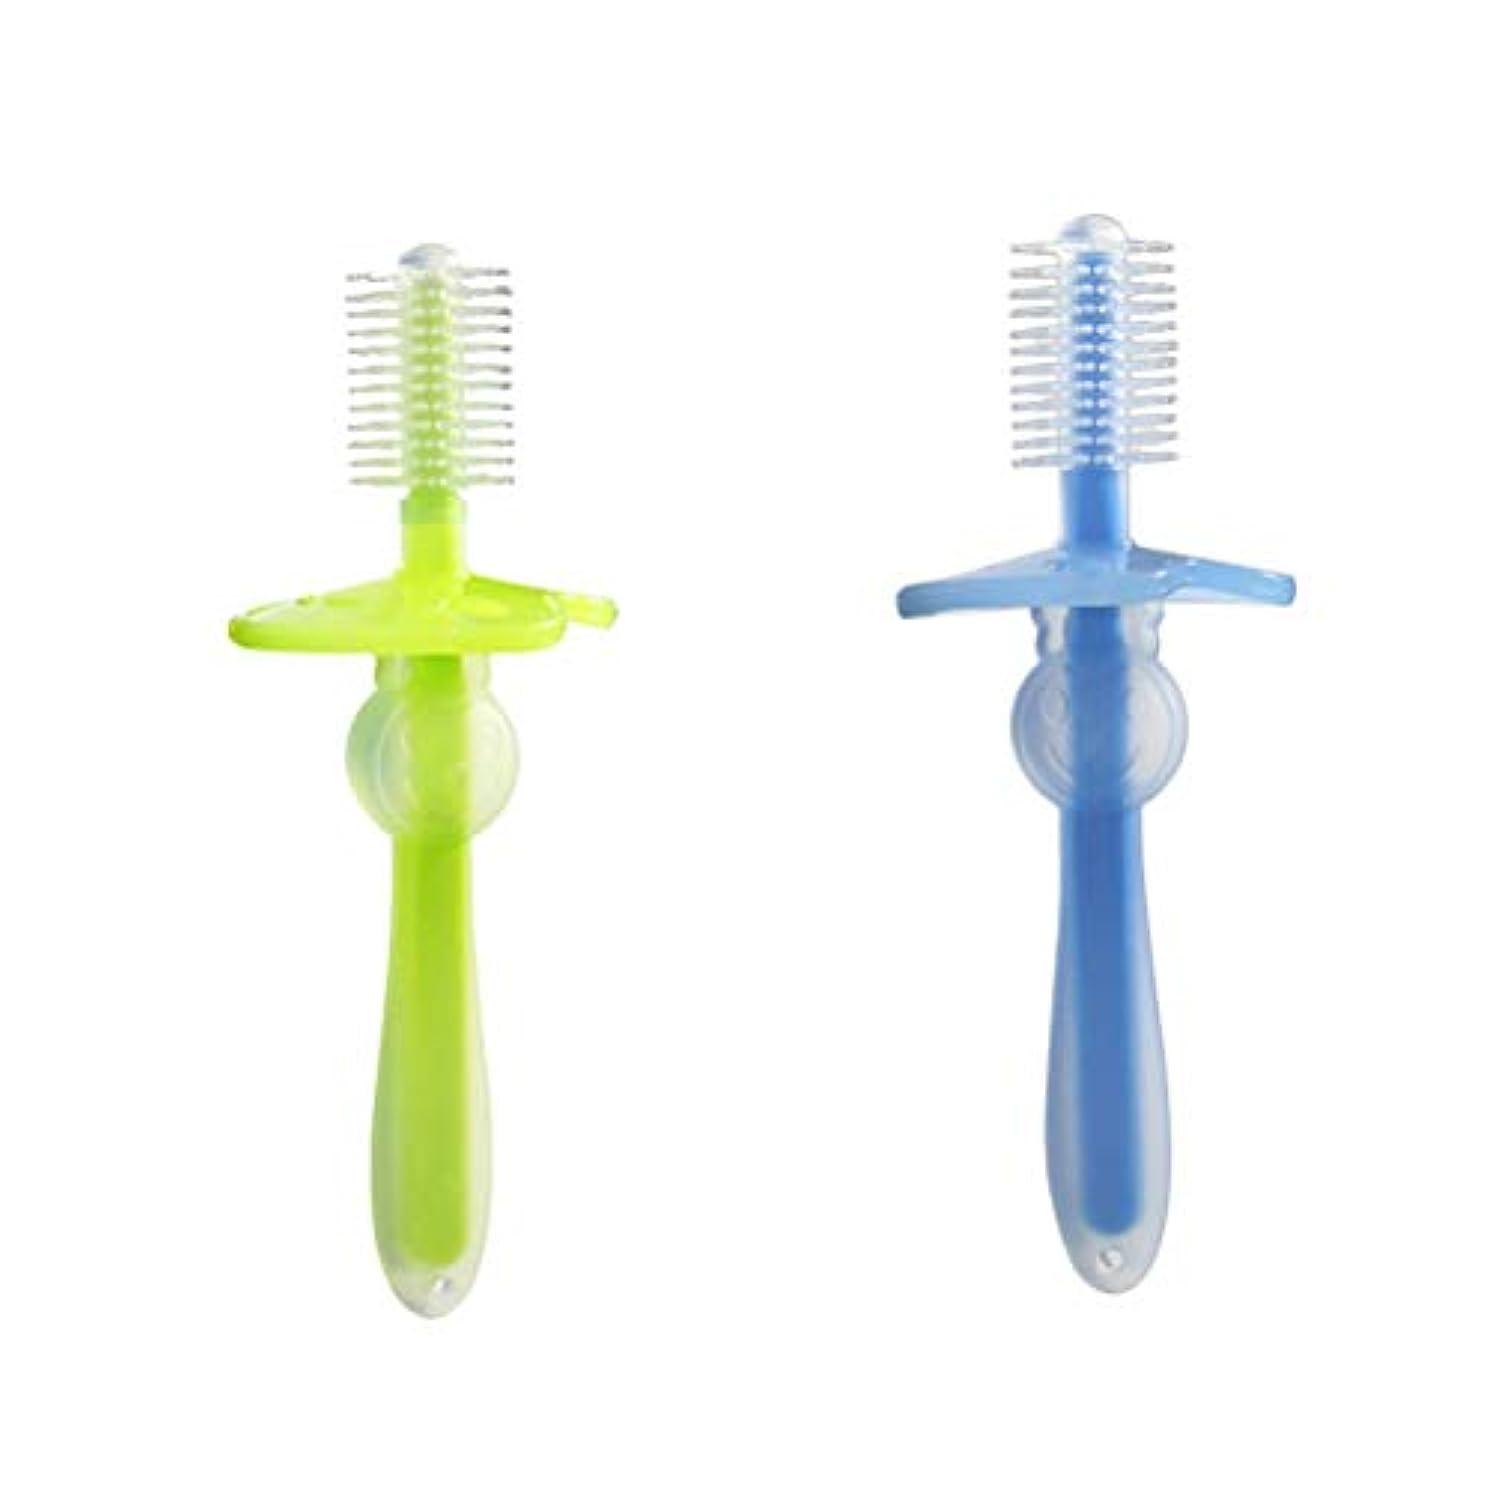 悲しみ抜け目のないローンHealifty 歯ブラシ シリコン 360°ベビー歯ブラシ 幼児 柔軟なトレーニング歯ブラシ 2ピース(緑と青)